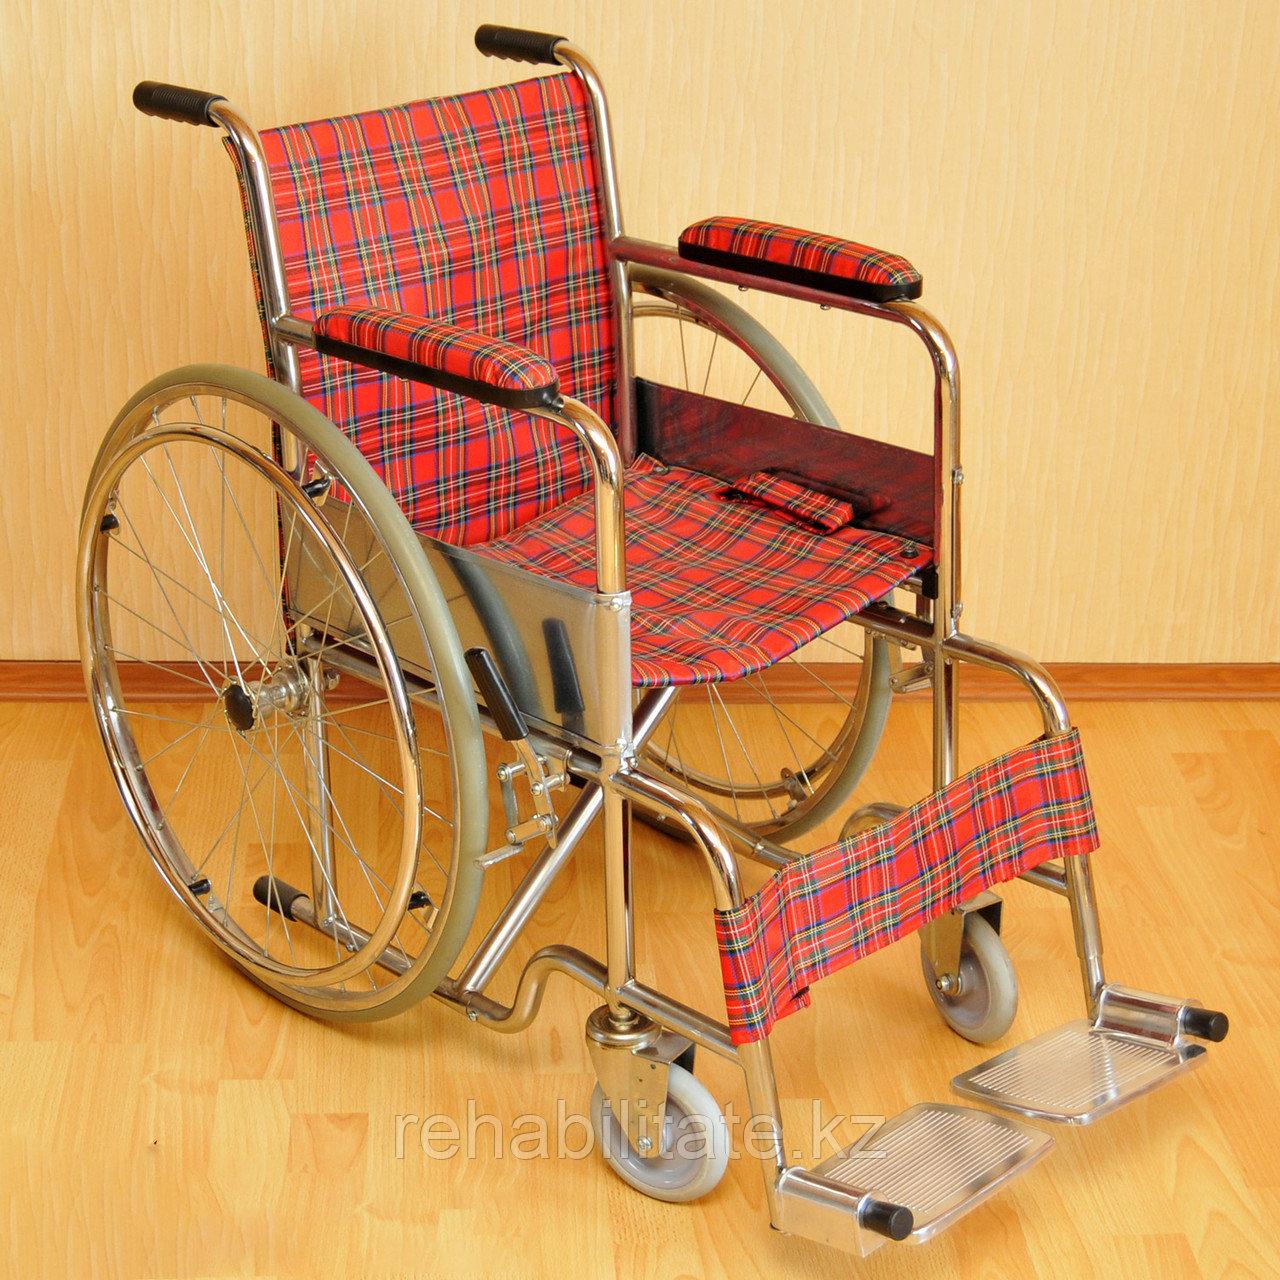 Детская инвалидная коляска FS874-51